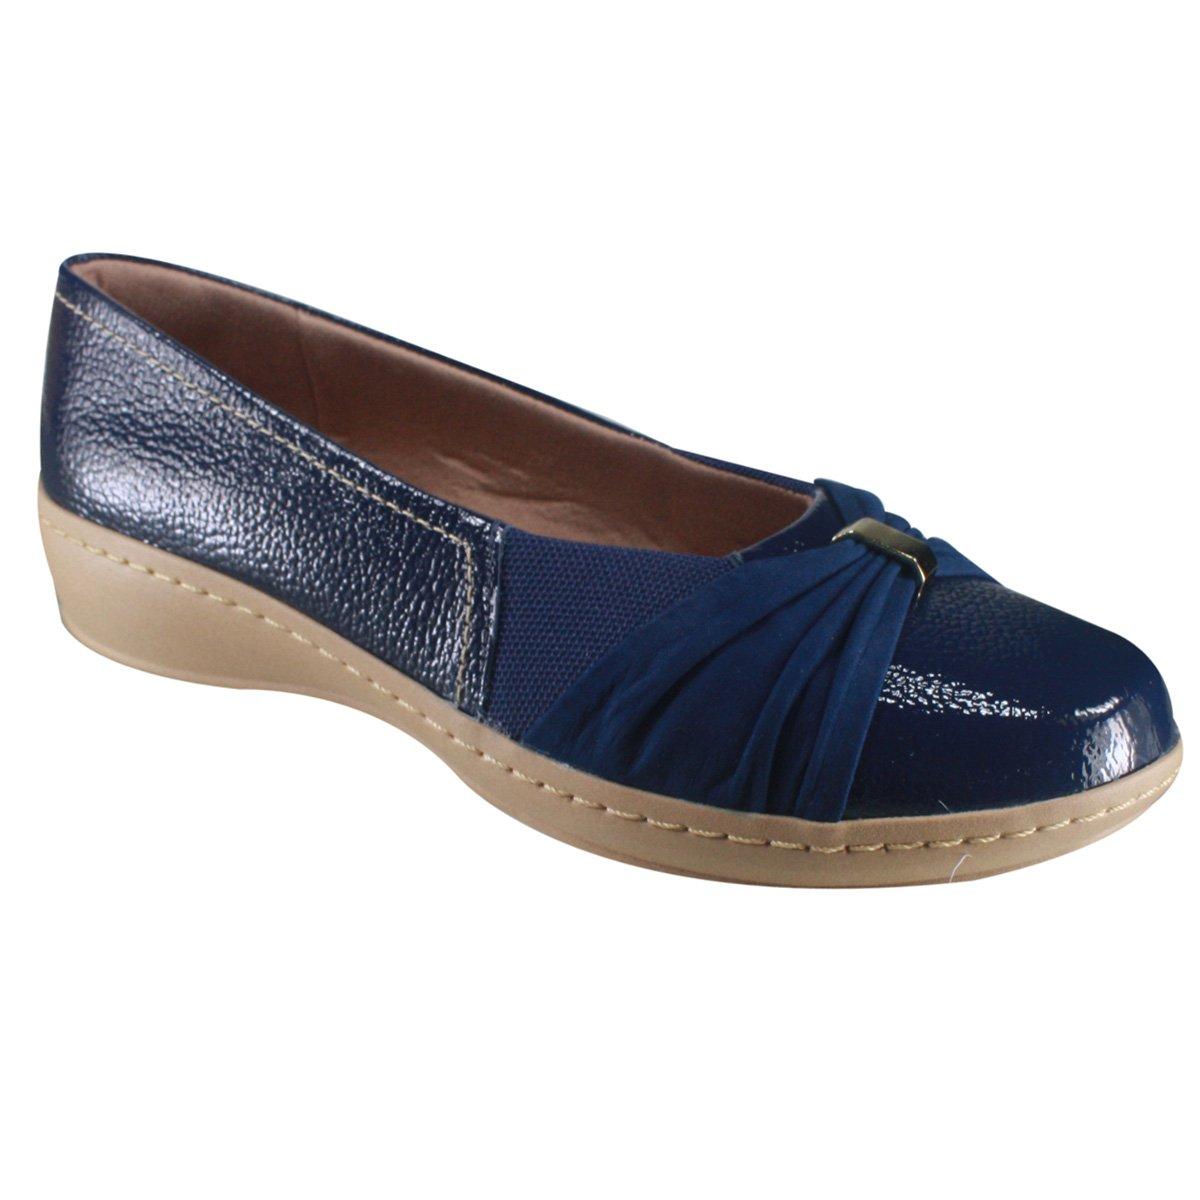 f13c4c957 Amplie a imagem. Sapato Usaflex Care Hidratante Feminino; Sapato Usaflex  Care Hidratante Feminino ...